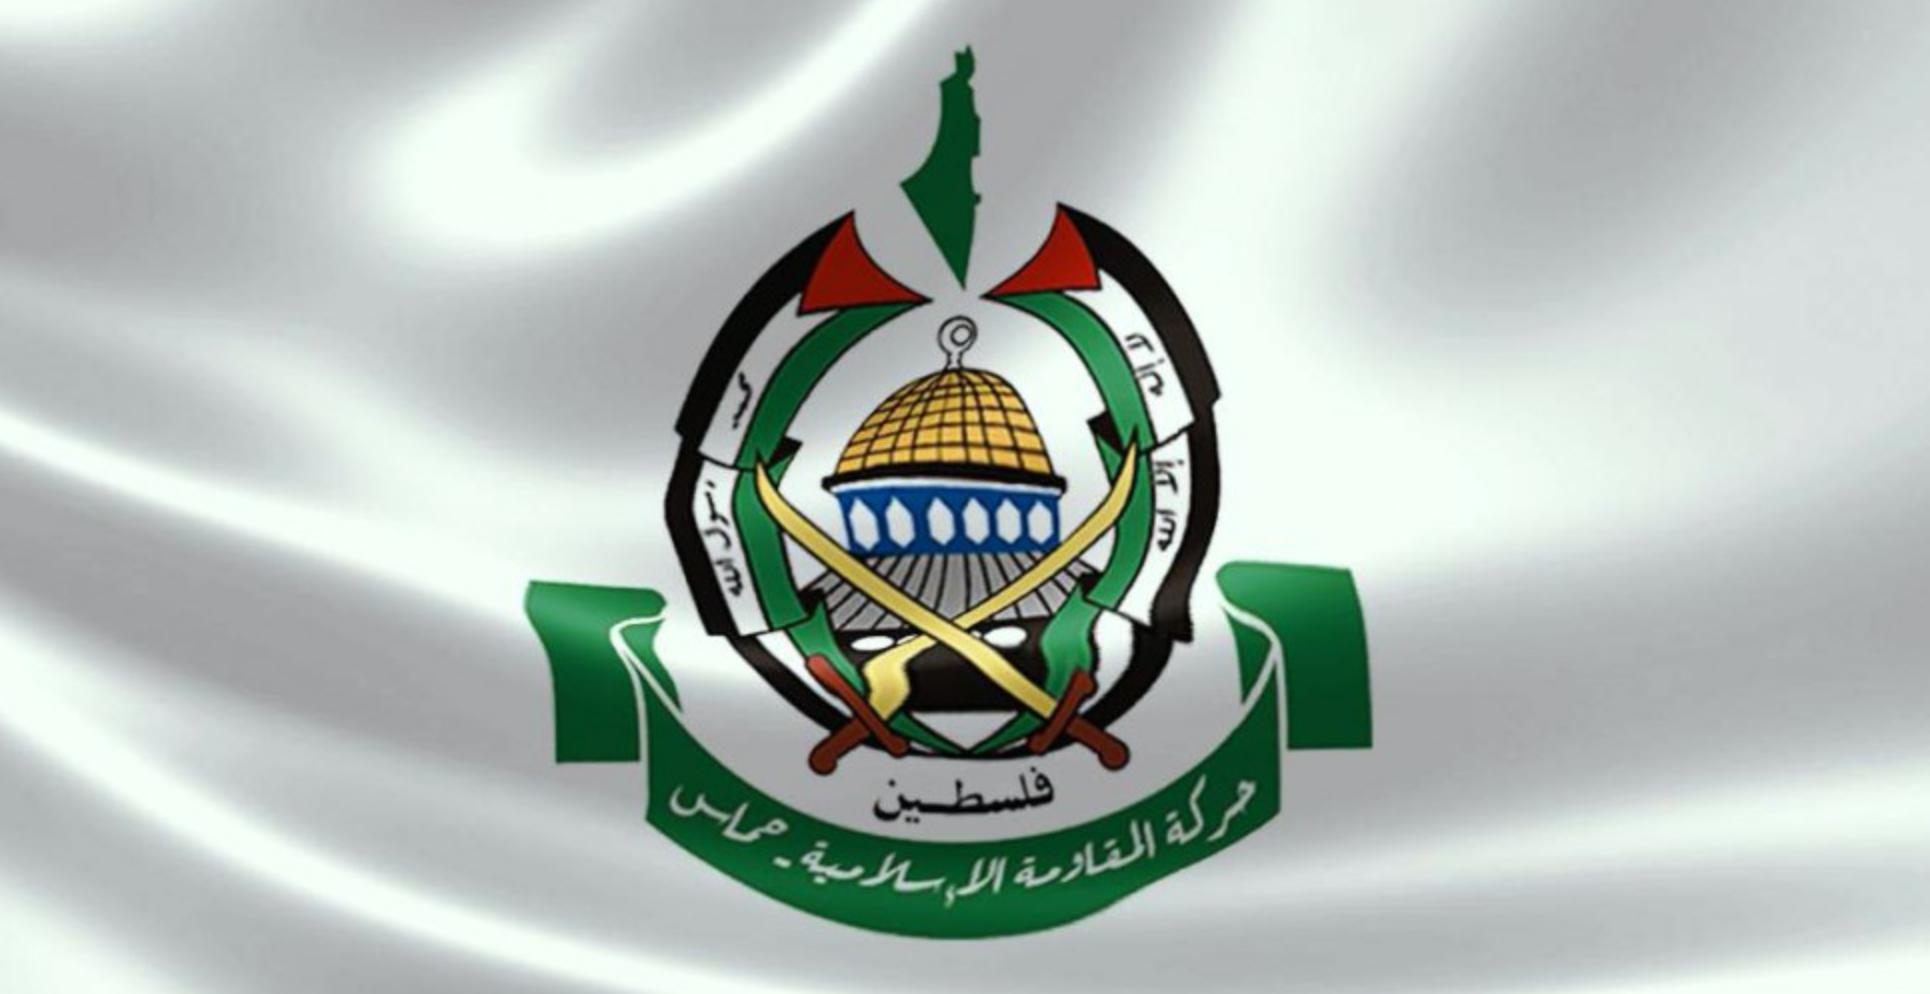 """""""حماس"""" تعلن موقفها من قصف إسرائيل موقع عسكرية لـ""""نظام الأسد"""""""